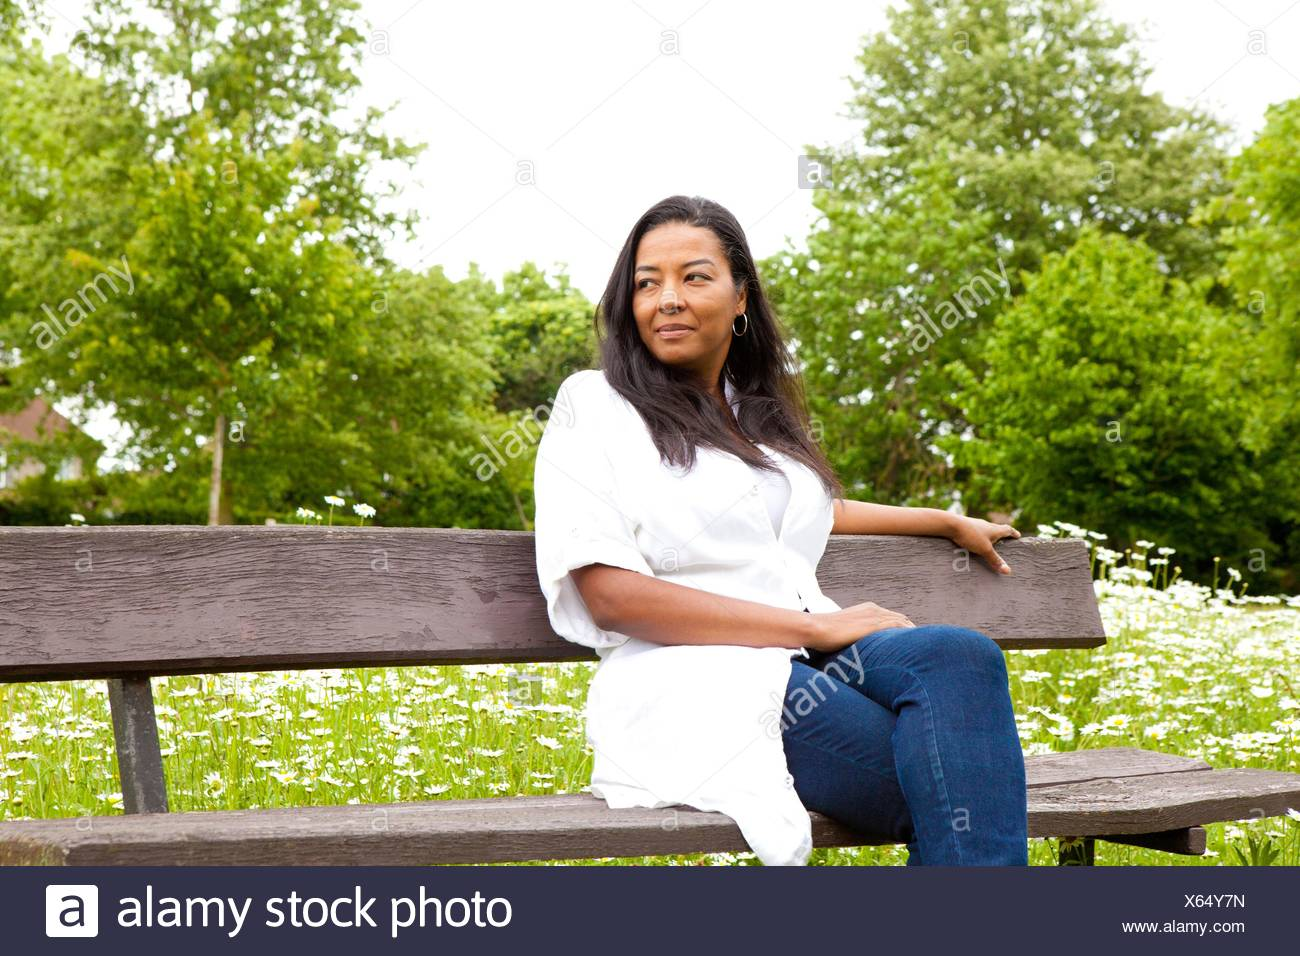 Donna matura guardando fuori da una panchina nel parco Immagini Stock